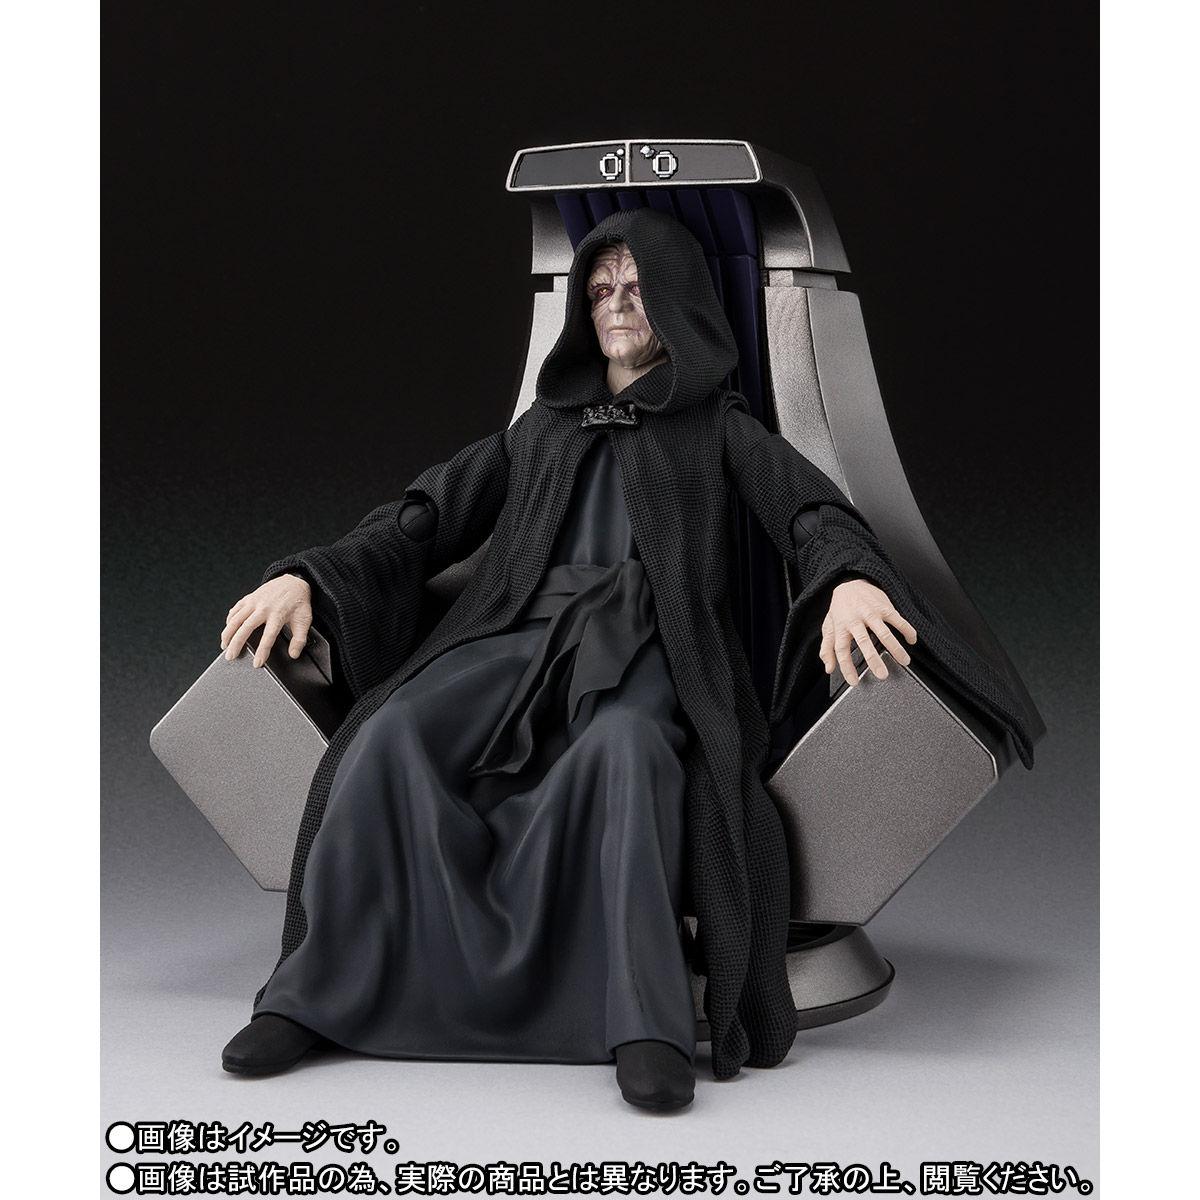 【限定販売】S.H.Figuarts『パルパティーン皇帝 -Death Star II Throne Room Set-(STAR WARS:Return of the Jedi)』可動フィギュア-004